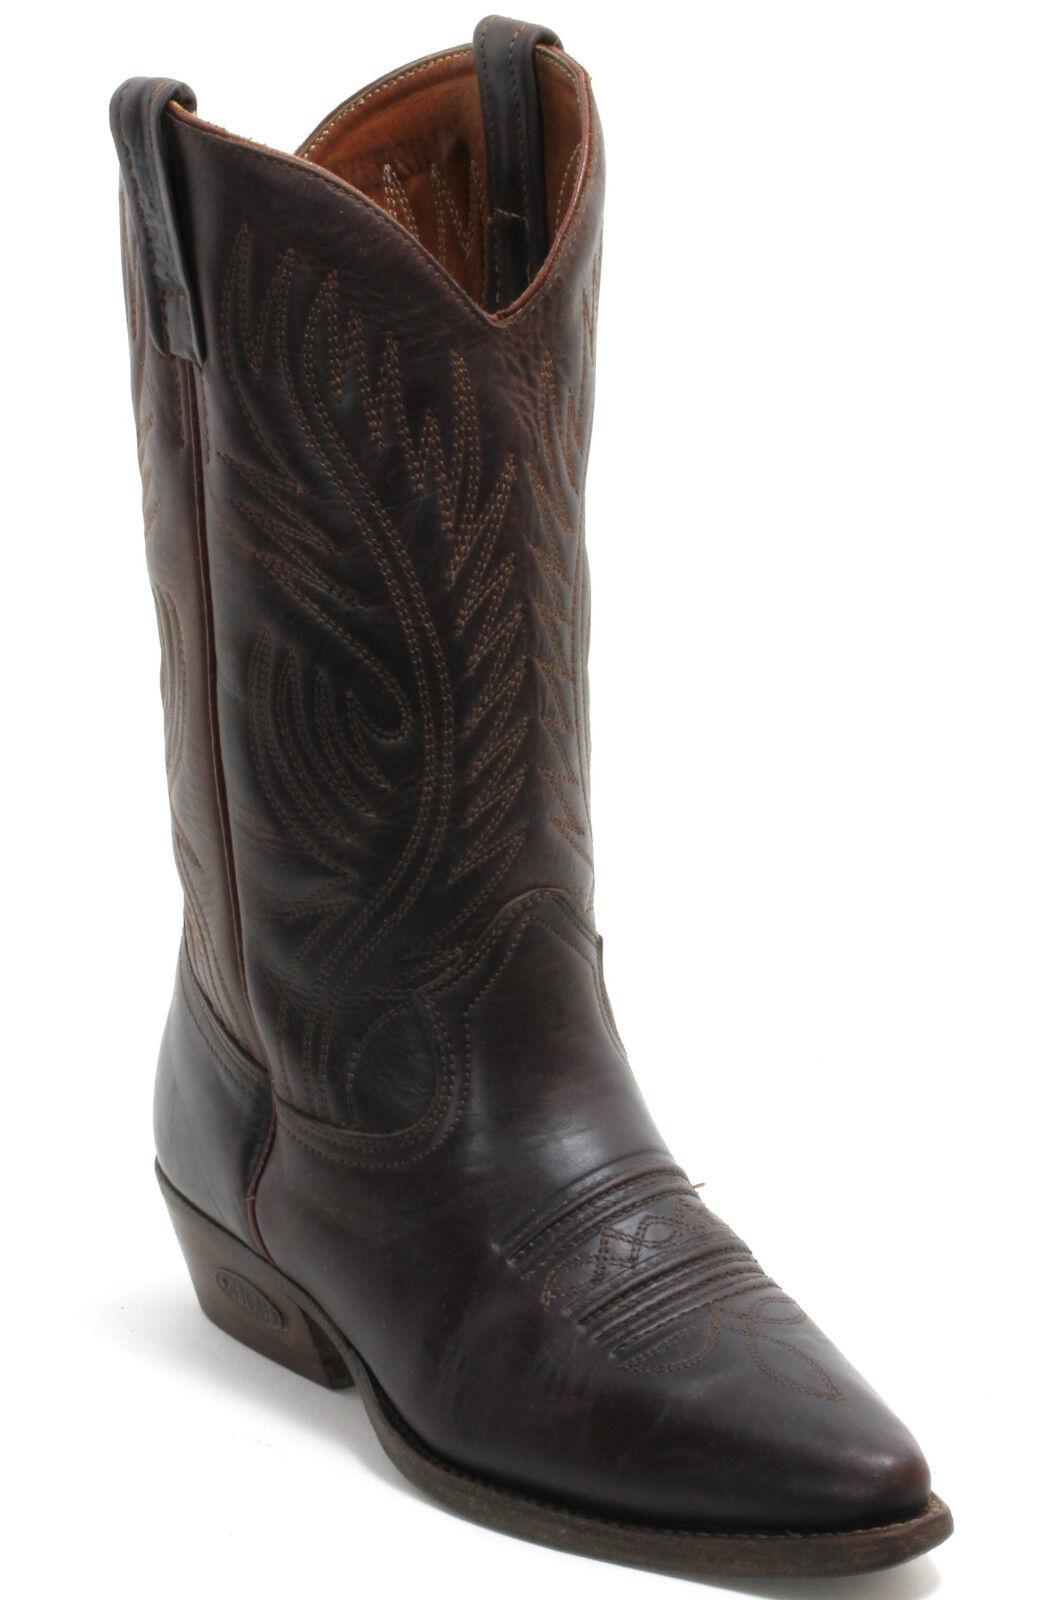 Westernstiefel Cowboystiefel Catalan Style Line Dance Texas Boots Loblan 37